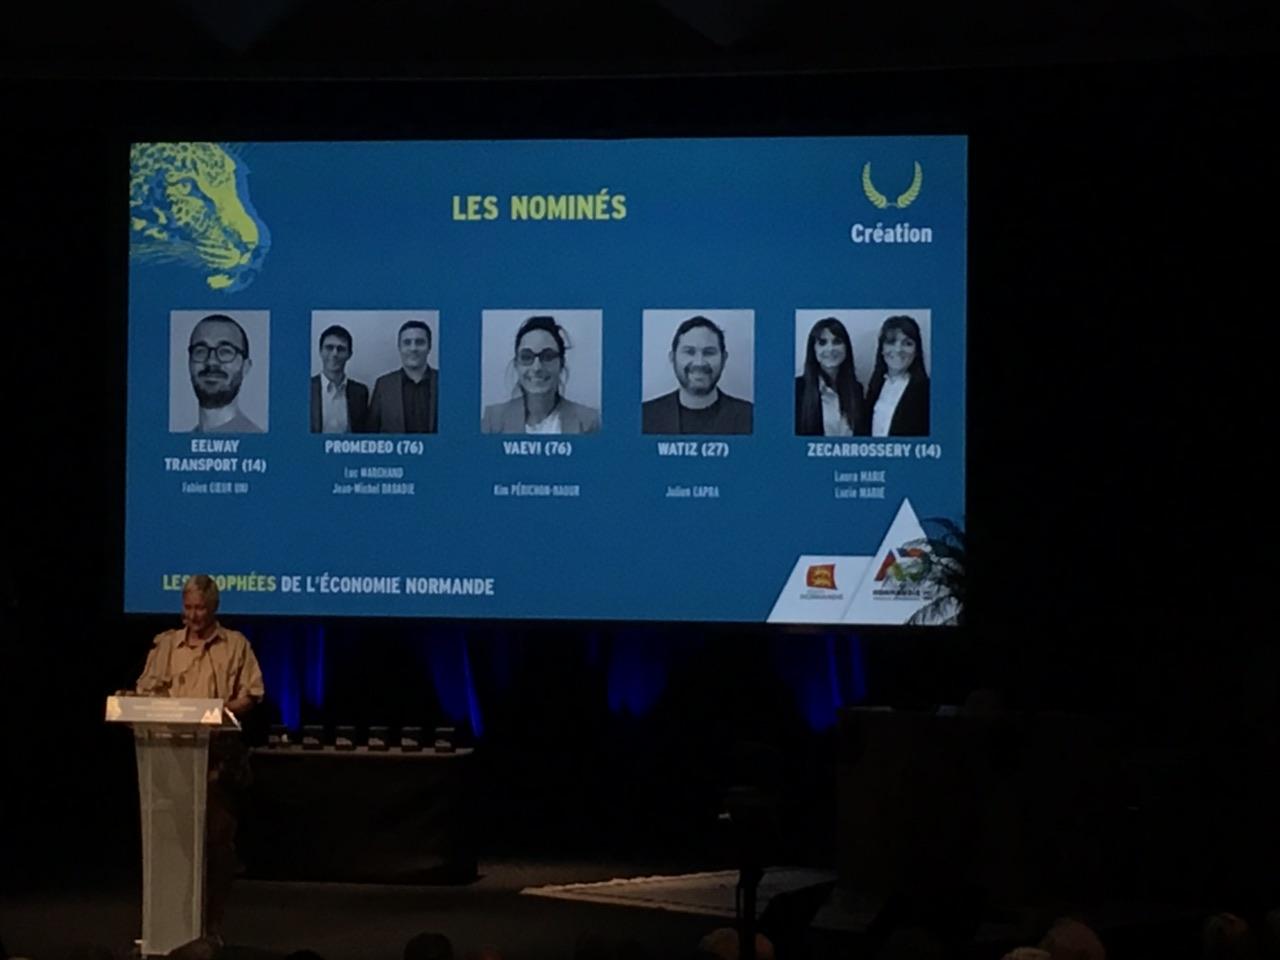 VAEVI aux Trophées de l'Economie Normande